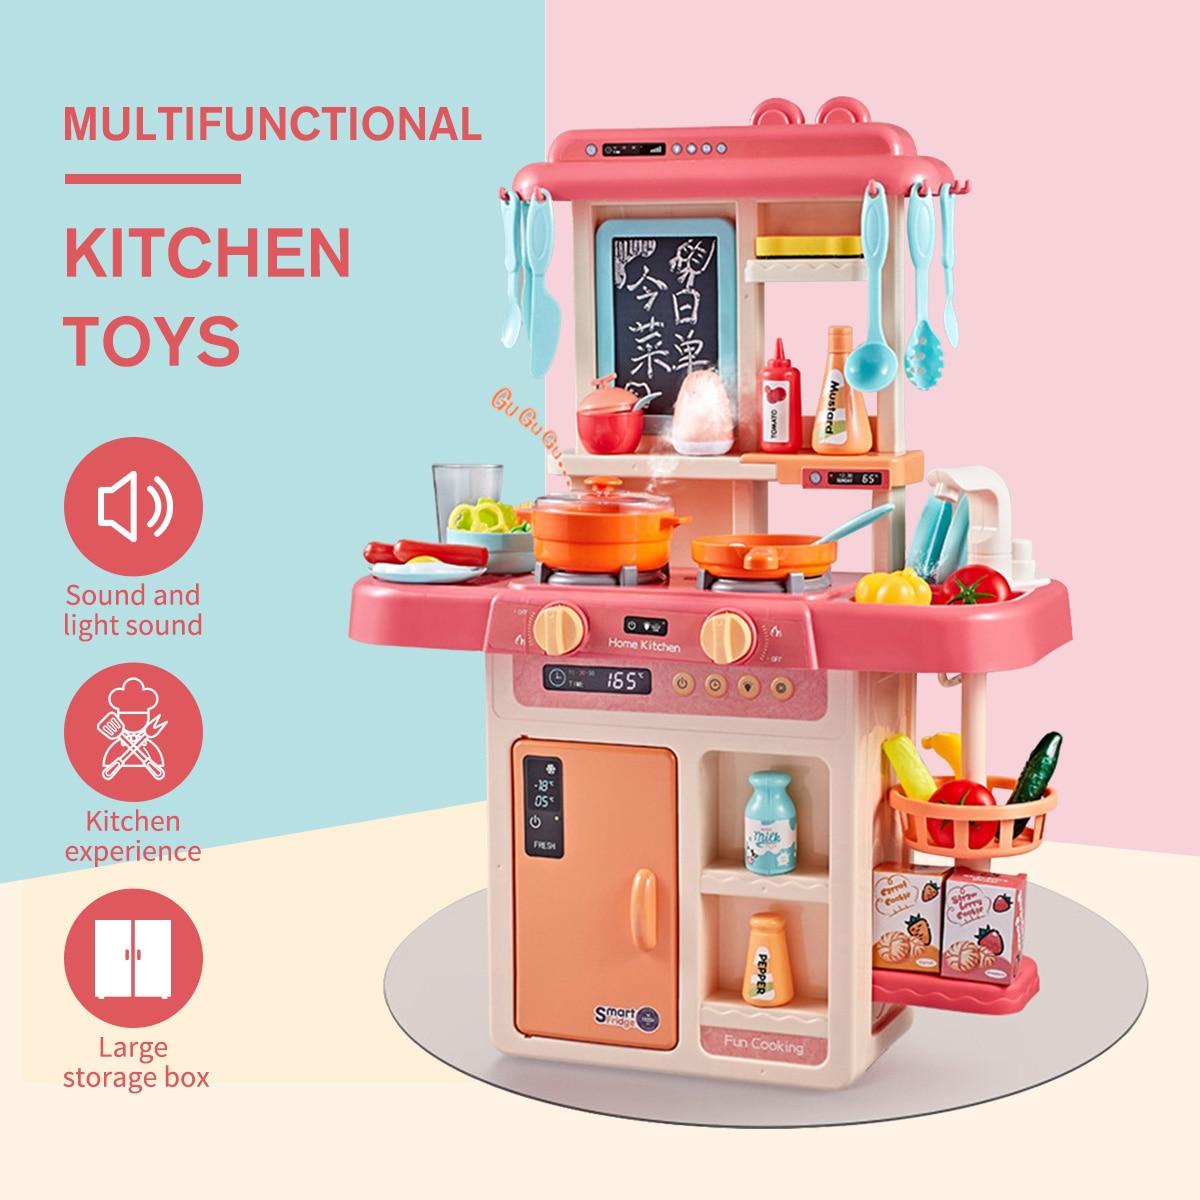 23/26/42Pcs Kid Kitchen Toy Simulation Kitchen Toy Spray Water Dinnerware Pretend Play Kitchen Cooking Table Set Children's Gift